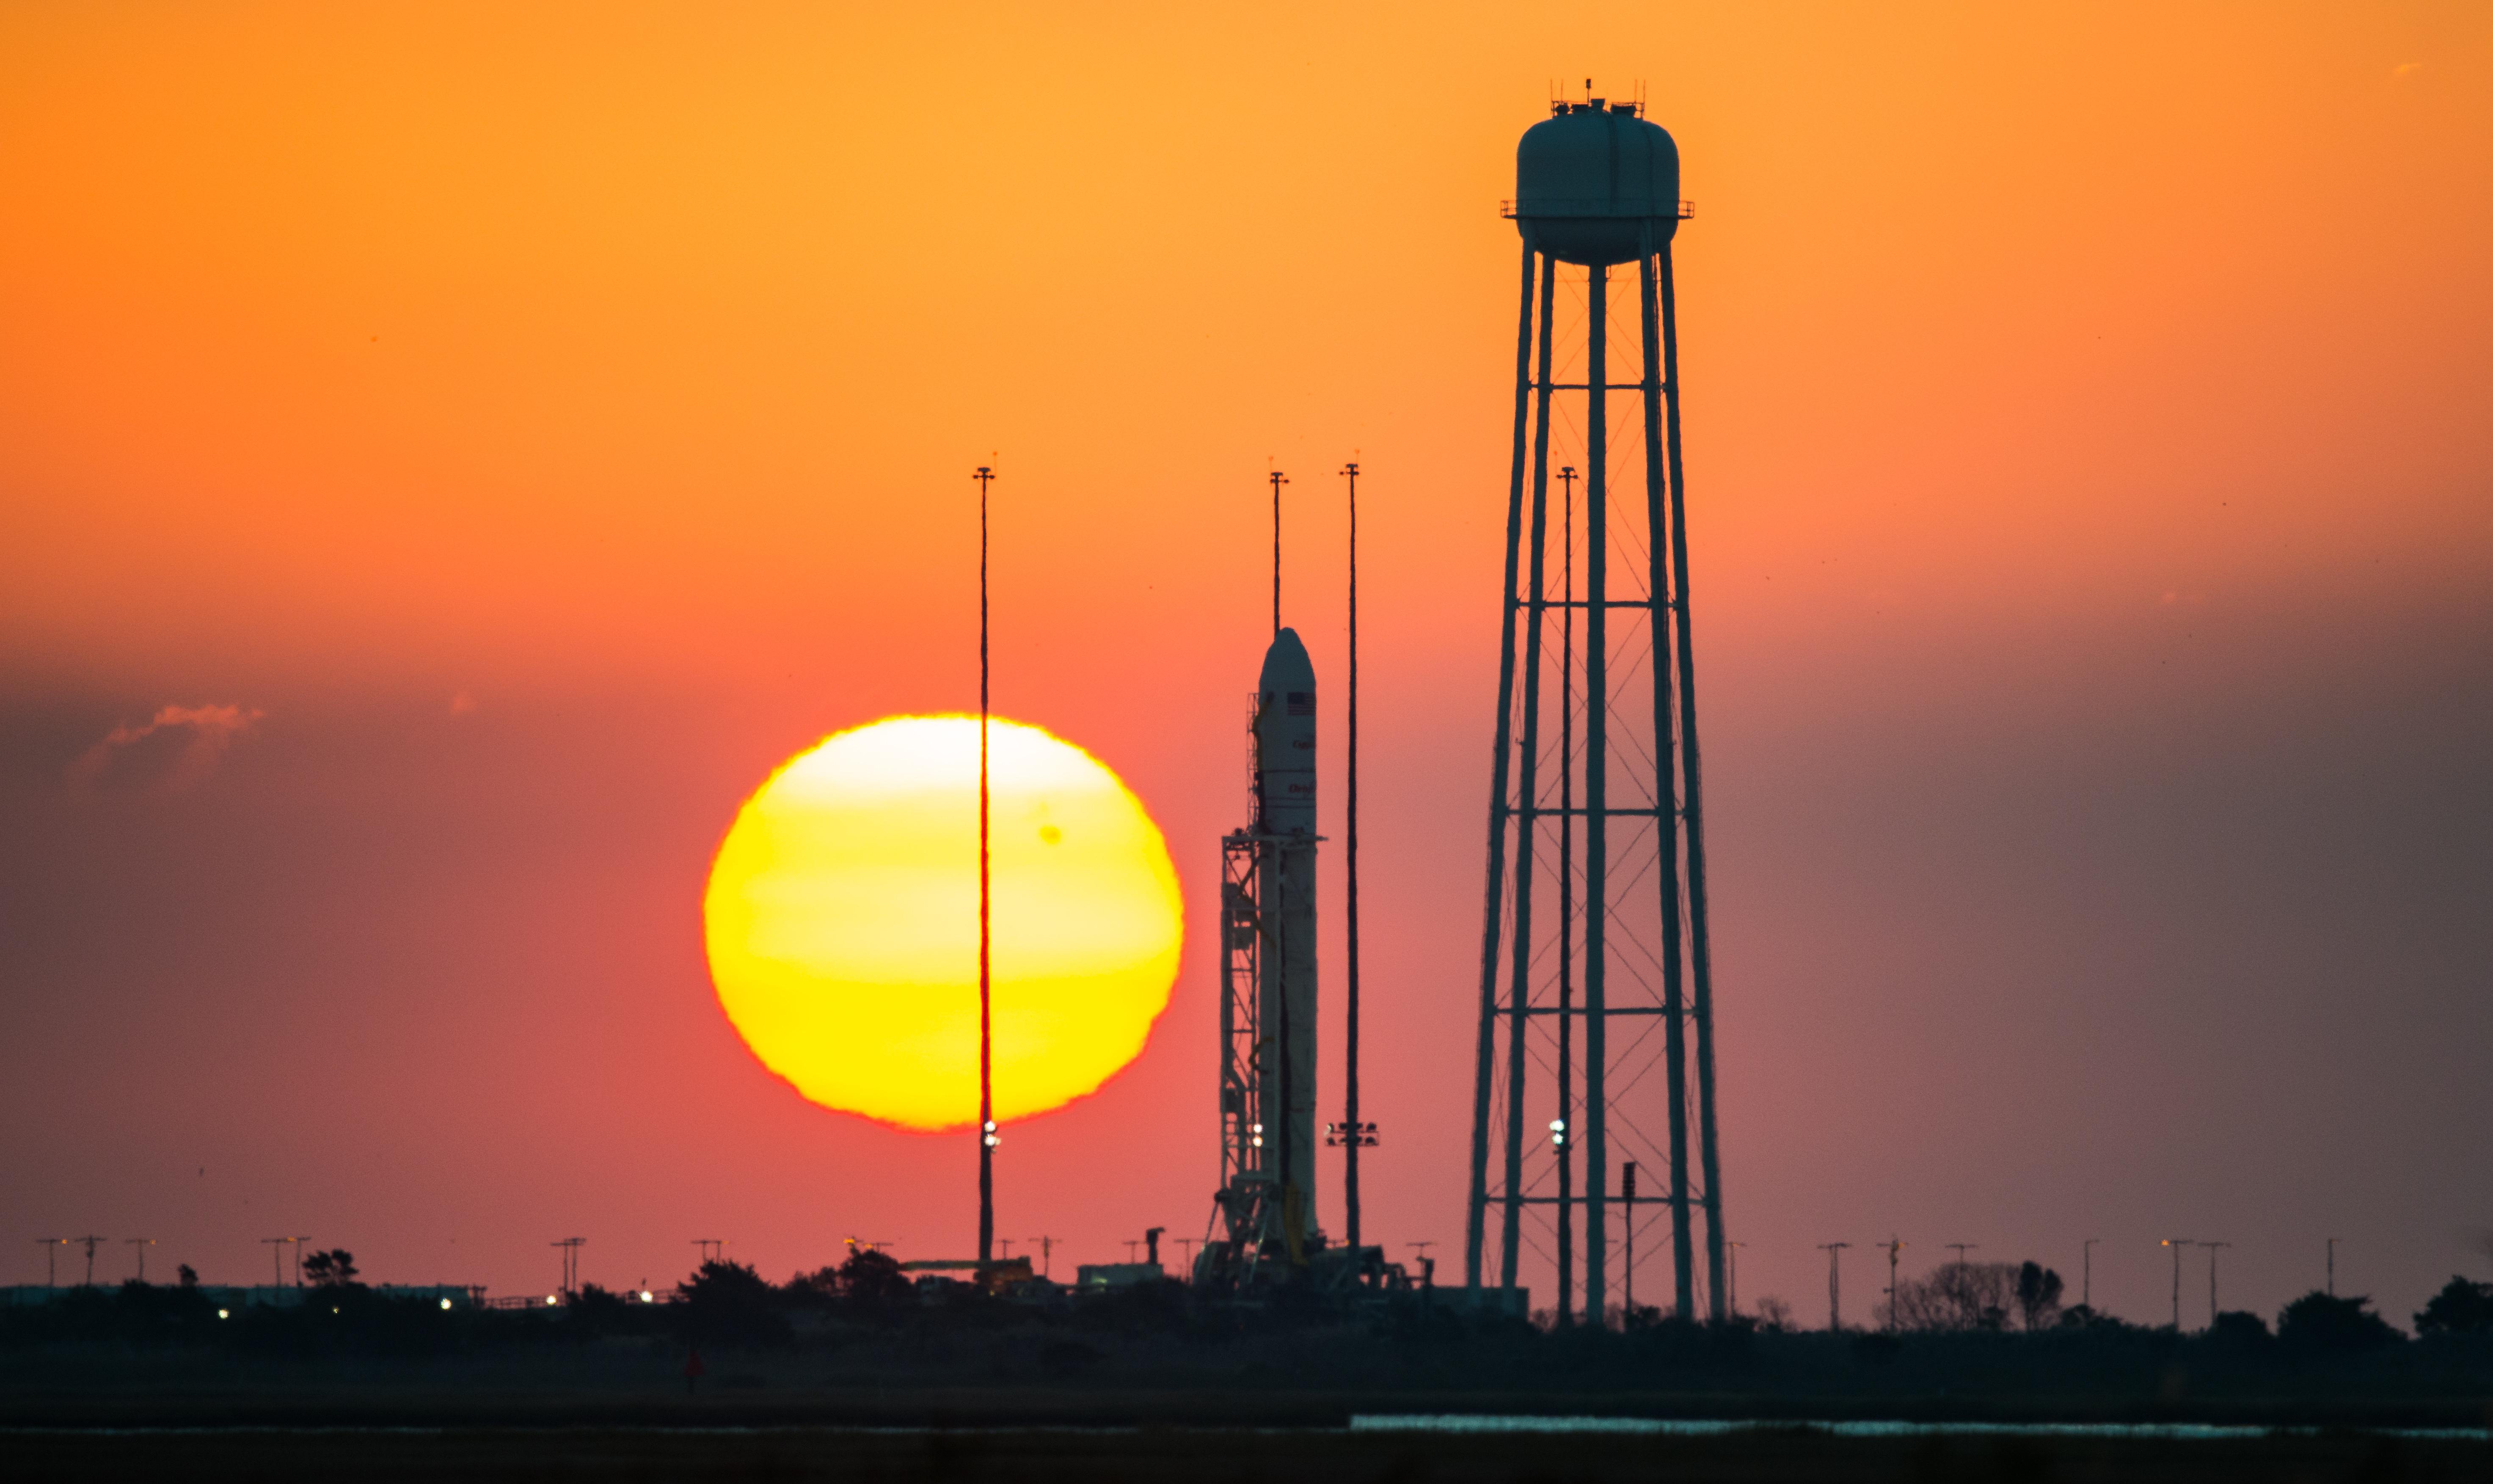 NASA image: Antares rocket at sunrise